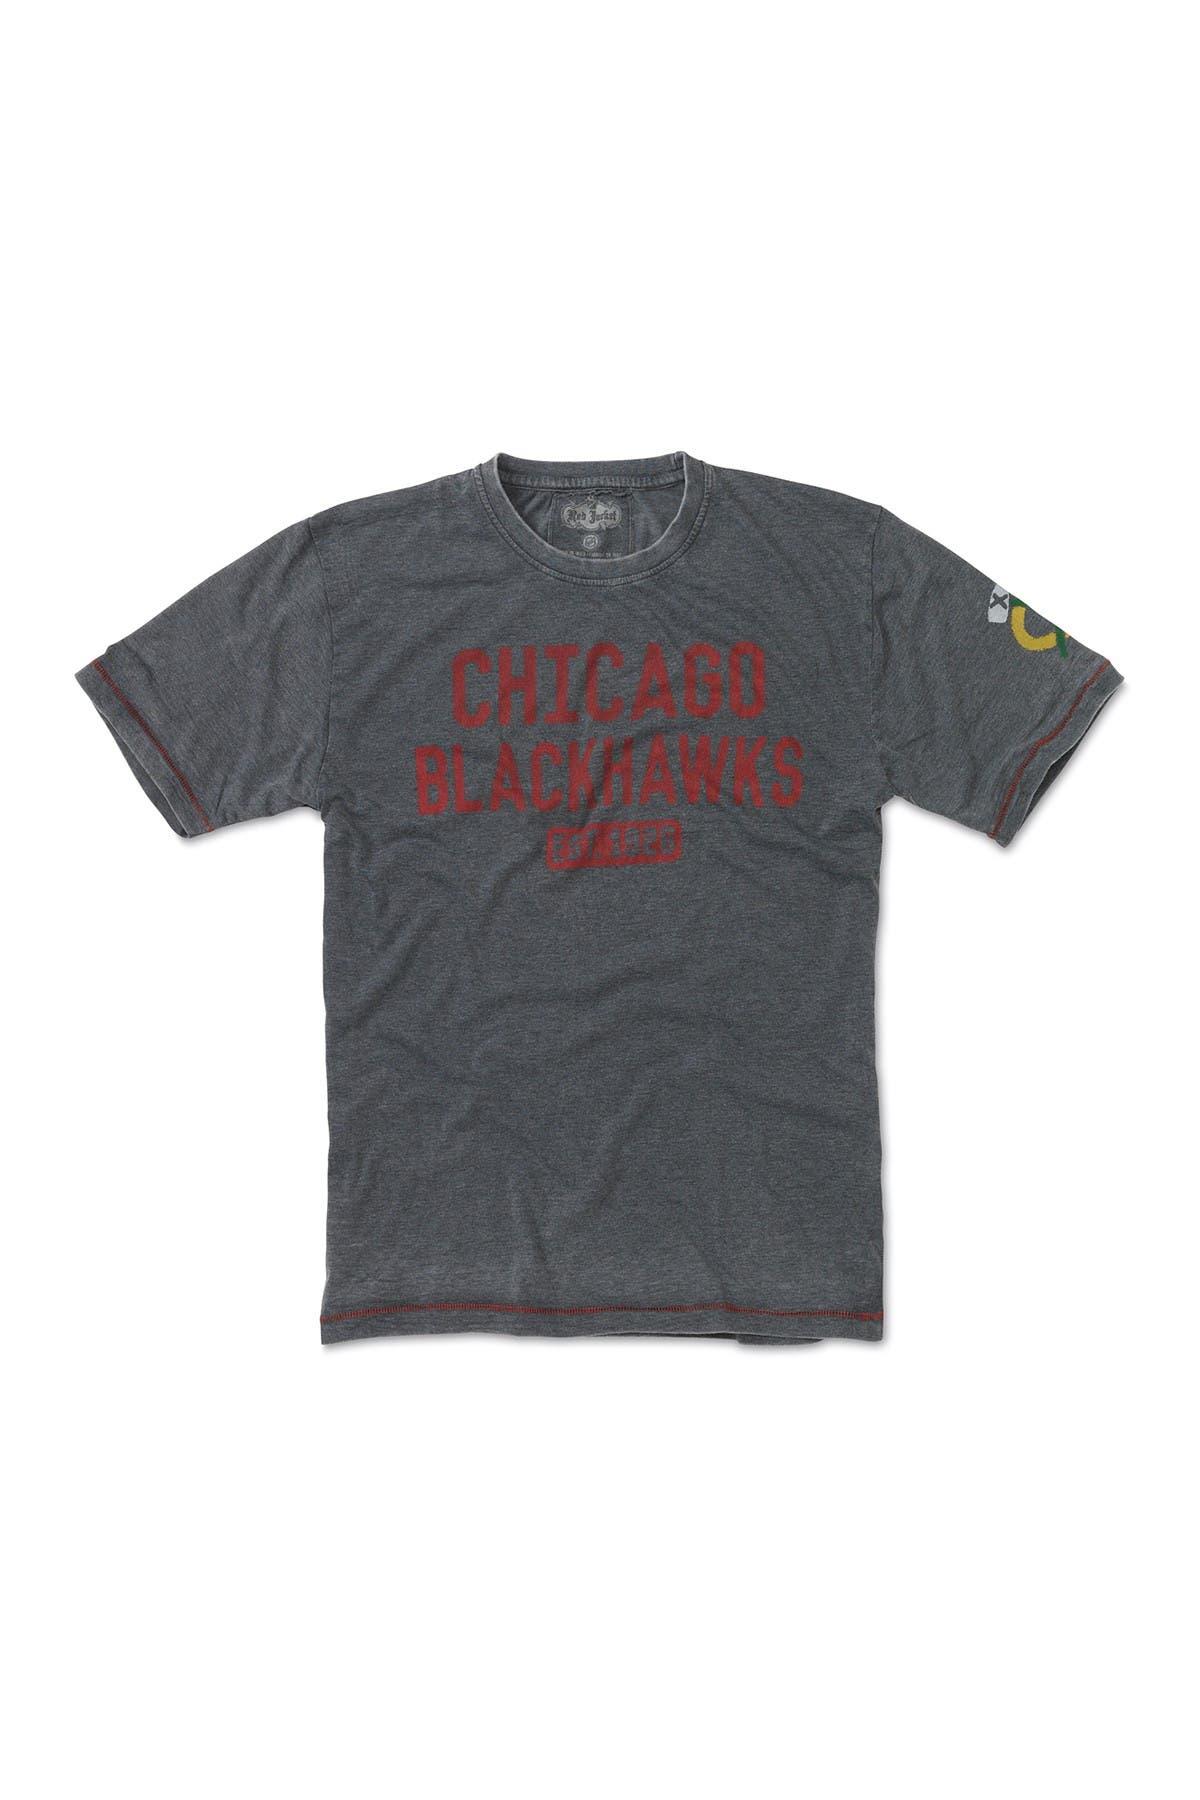 Image of Red Jacket NHL Chicago Blackhawks Short Sleeve T-Shirt